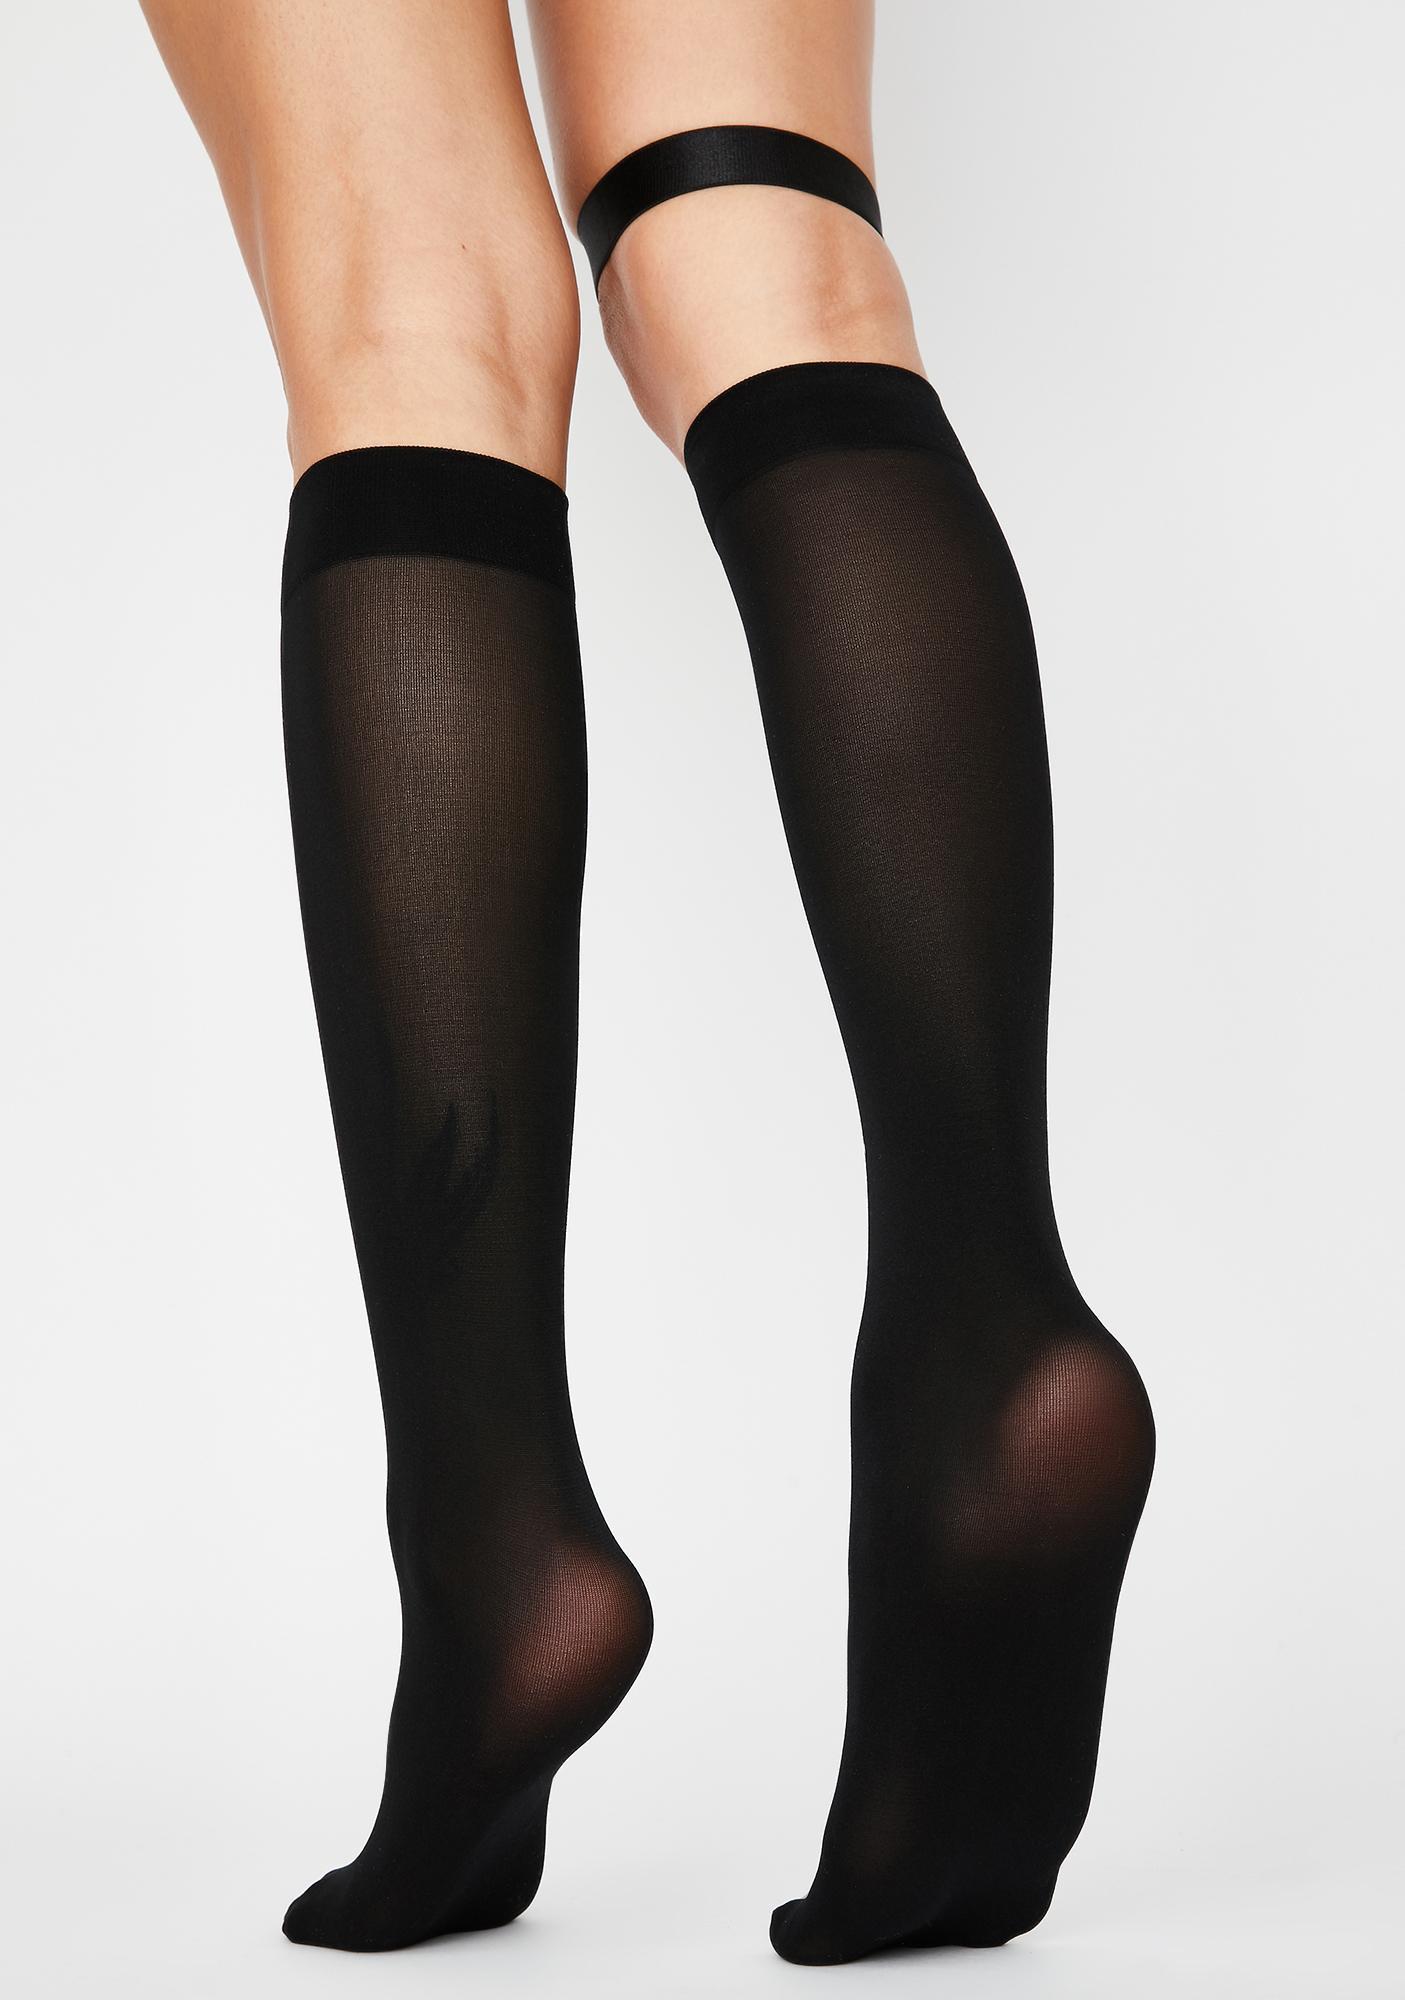 Dope Vibe Garter & Socks Set